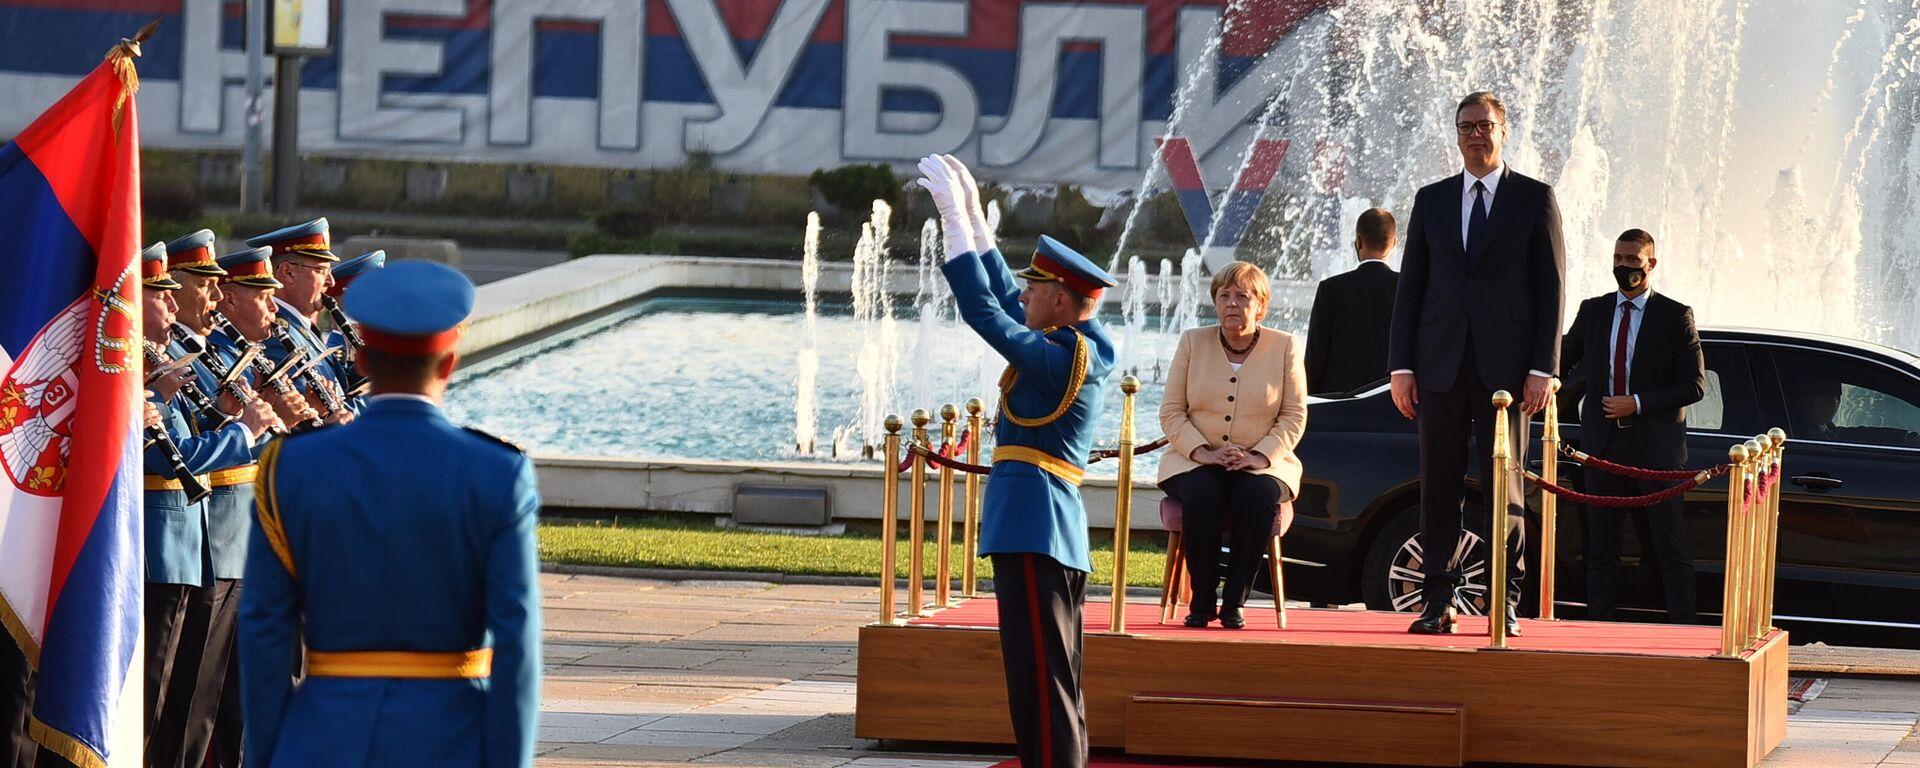 Angela Merkel sedi prilikom intoniranja himni u Beogradu - Sputnik Srbija, 1920, 13.09.2021